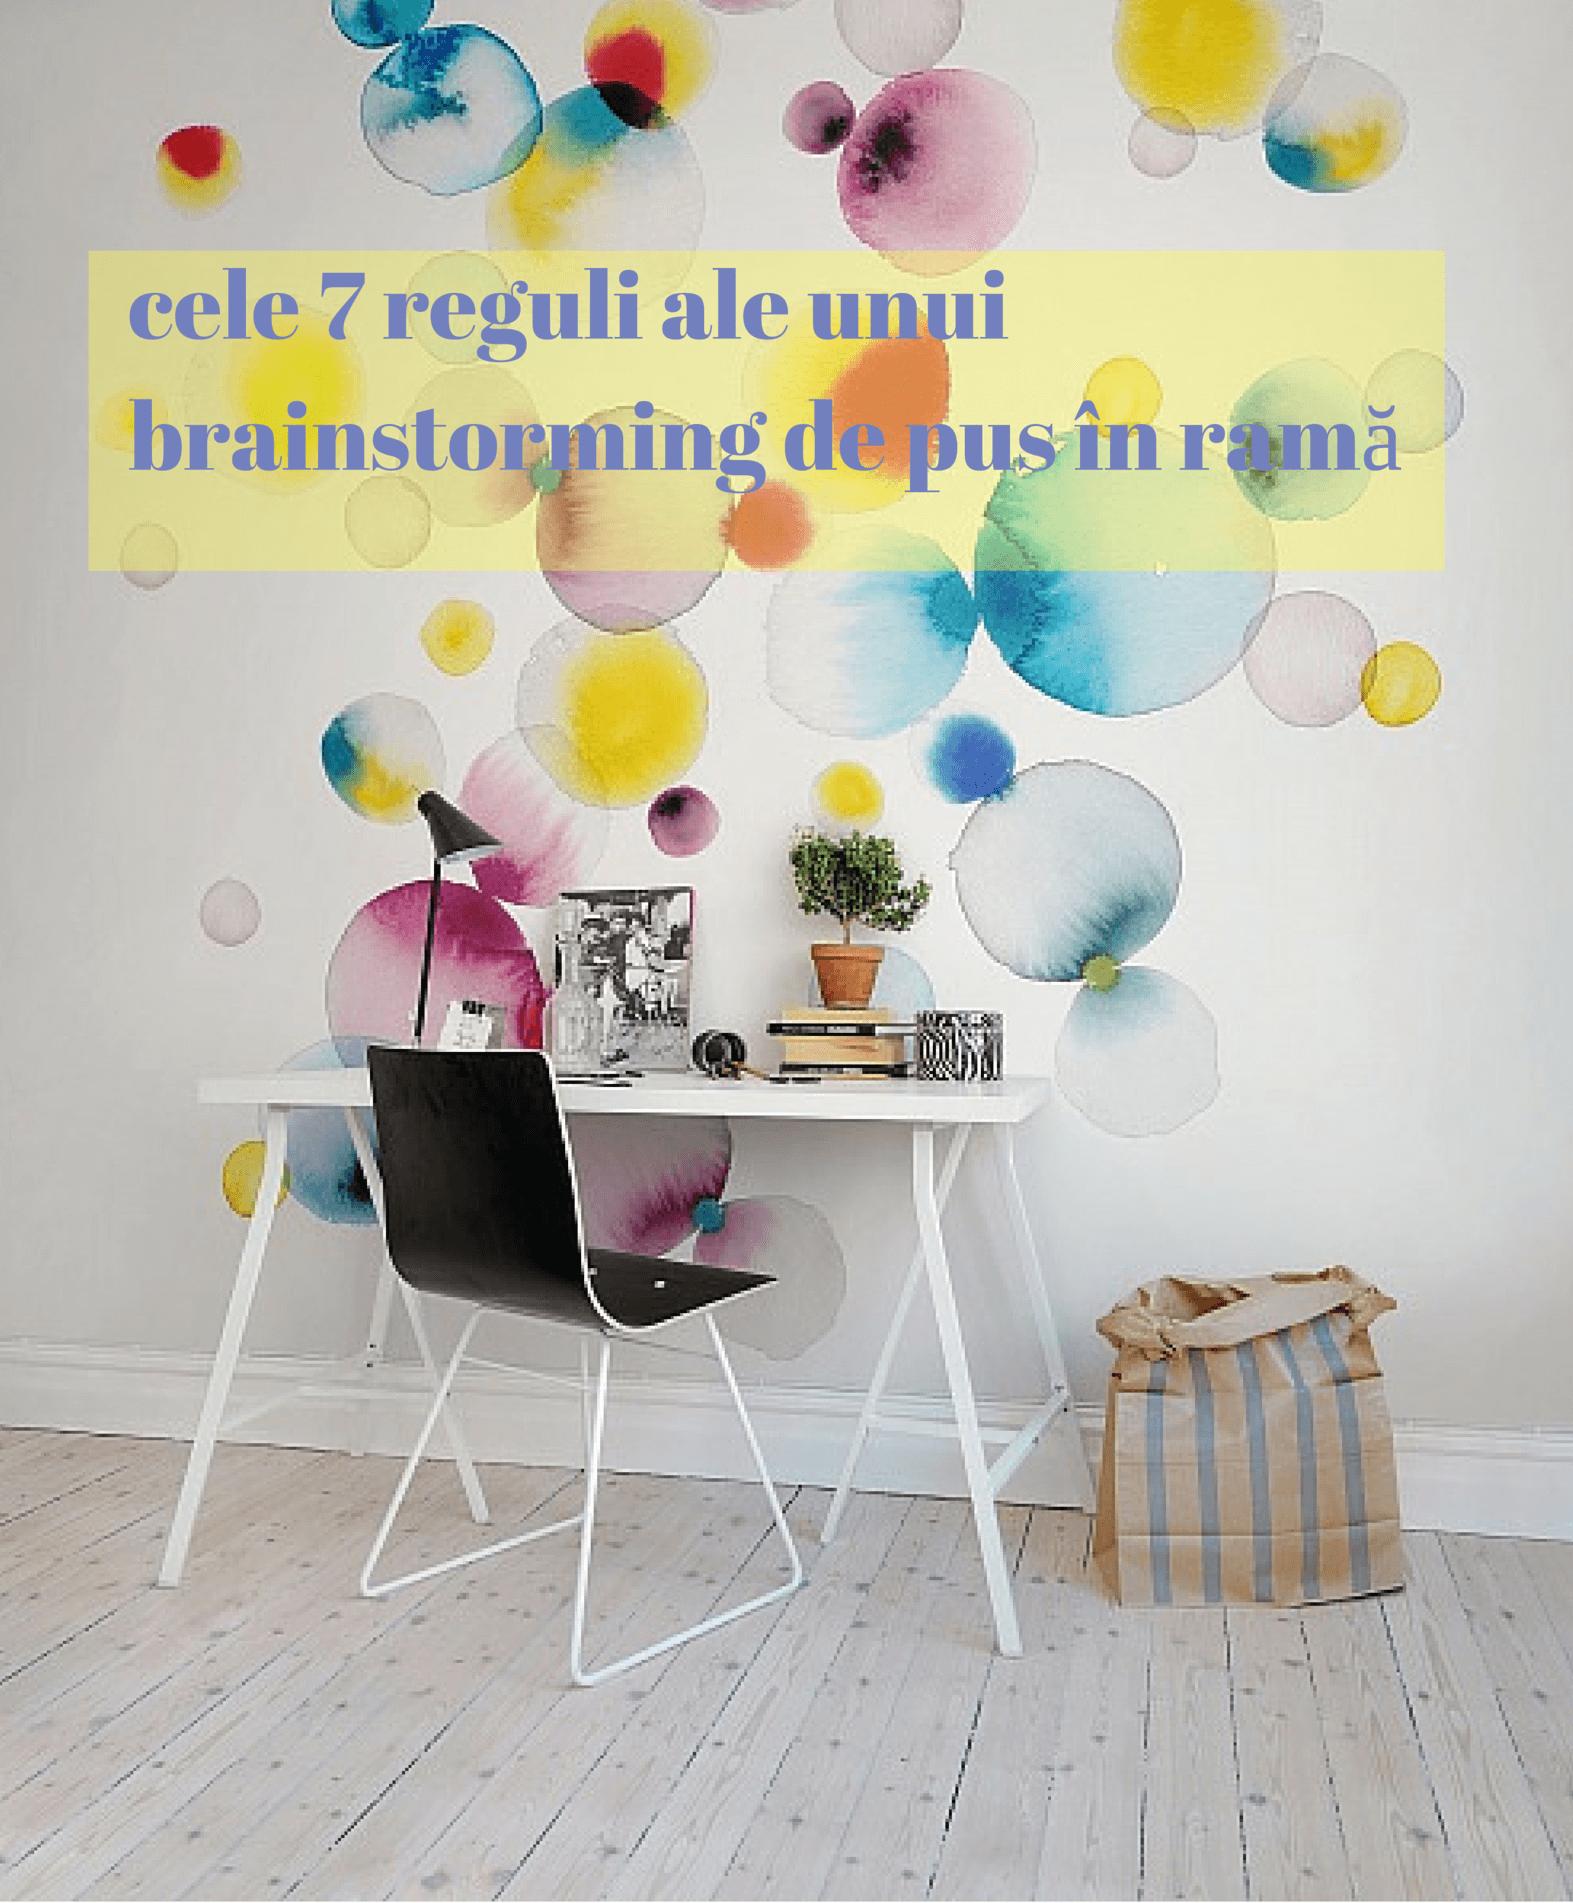 Cele 7 reguli ale unui brainstorming de pus în ramă (de la IDEO)